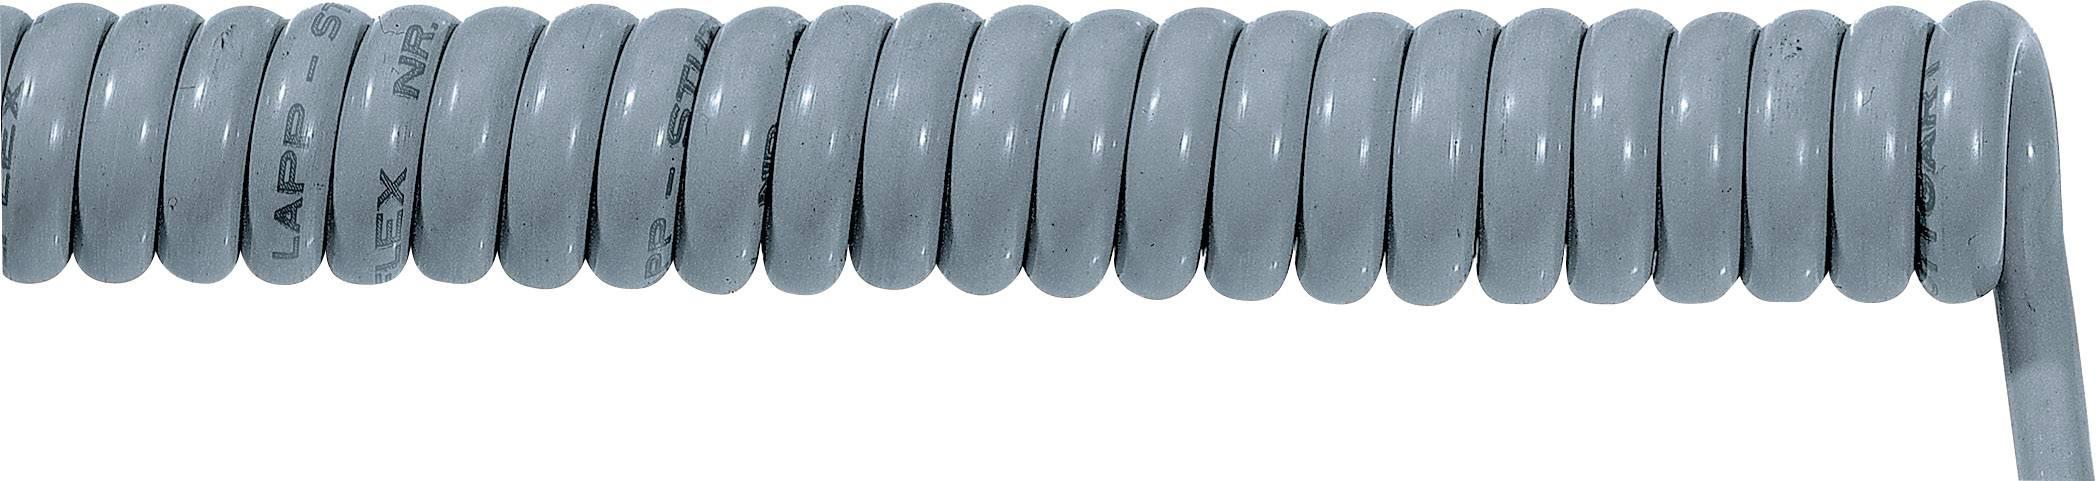 Špirálový kábel 70002700 ÖLFLEX® SPIRAL 400 P 5 x 1.50 mm², 1000 mm / 3000 mm, sivá